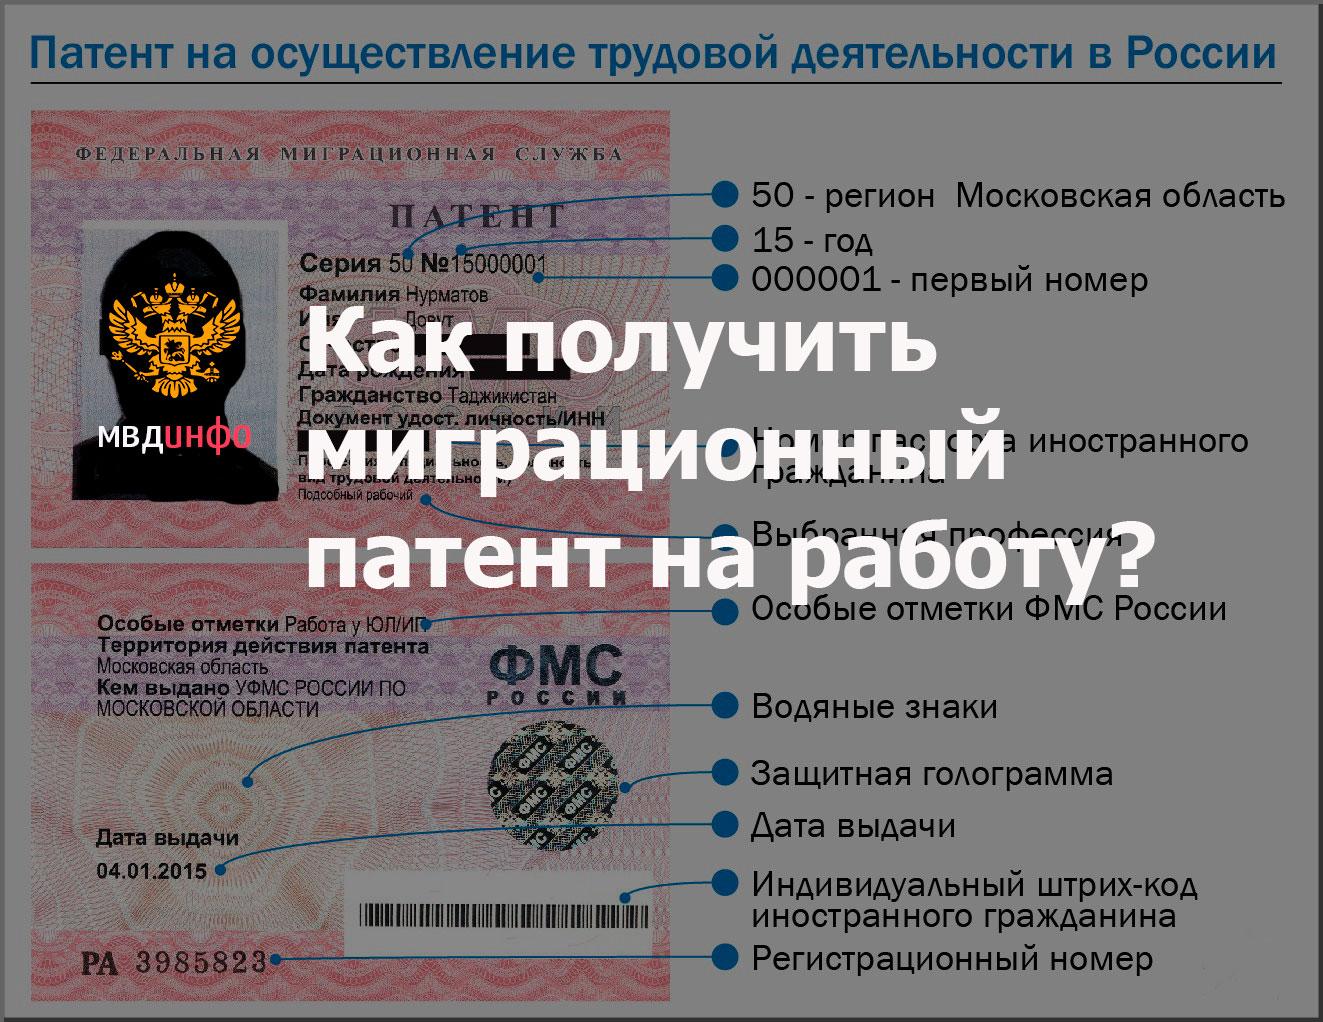 Как получить миграционный патент на работу?